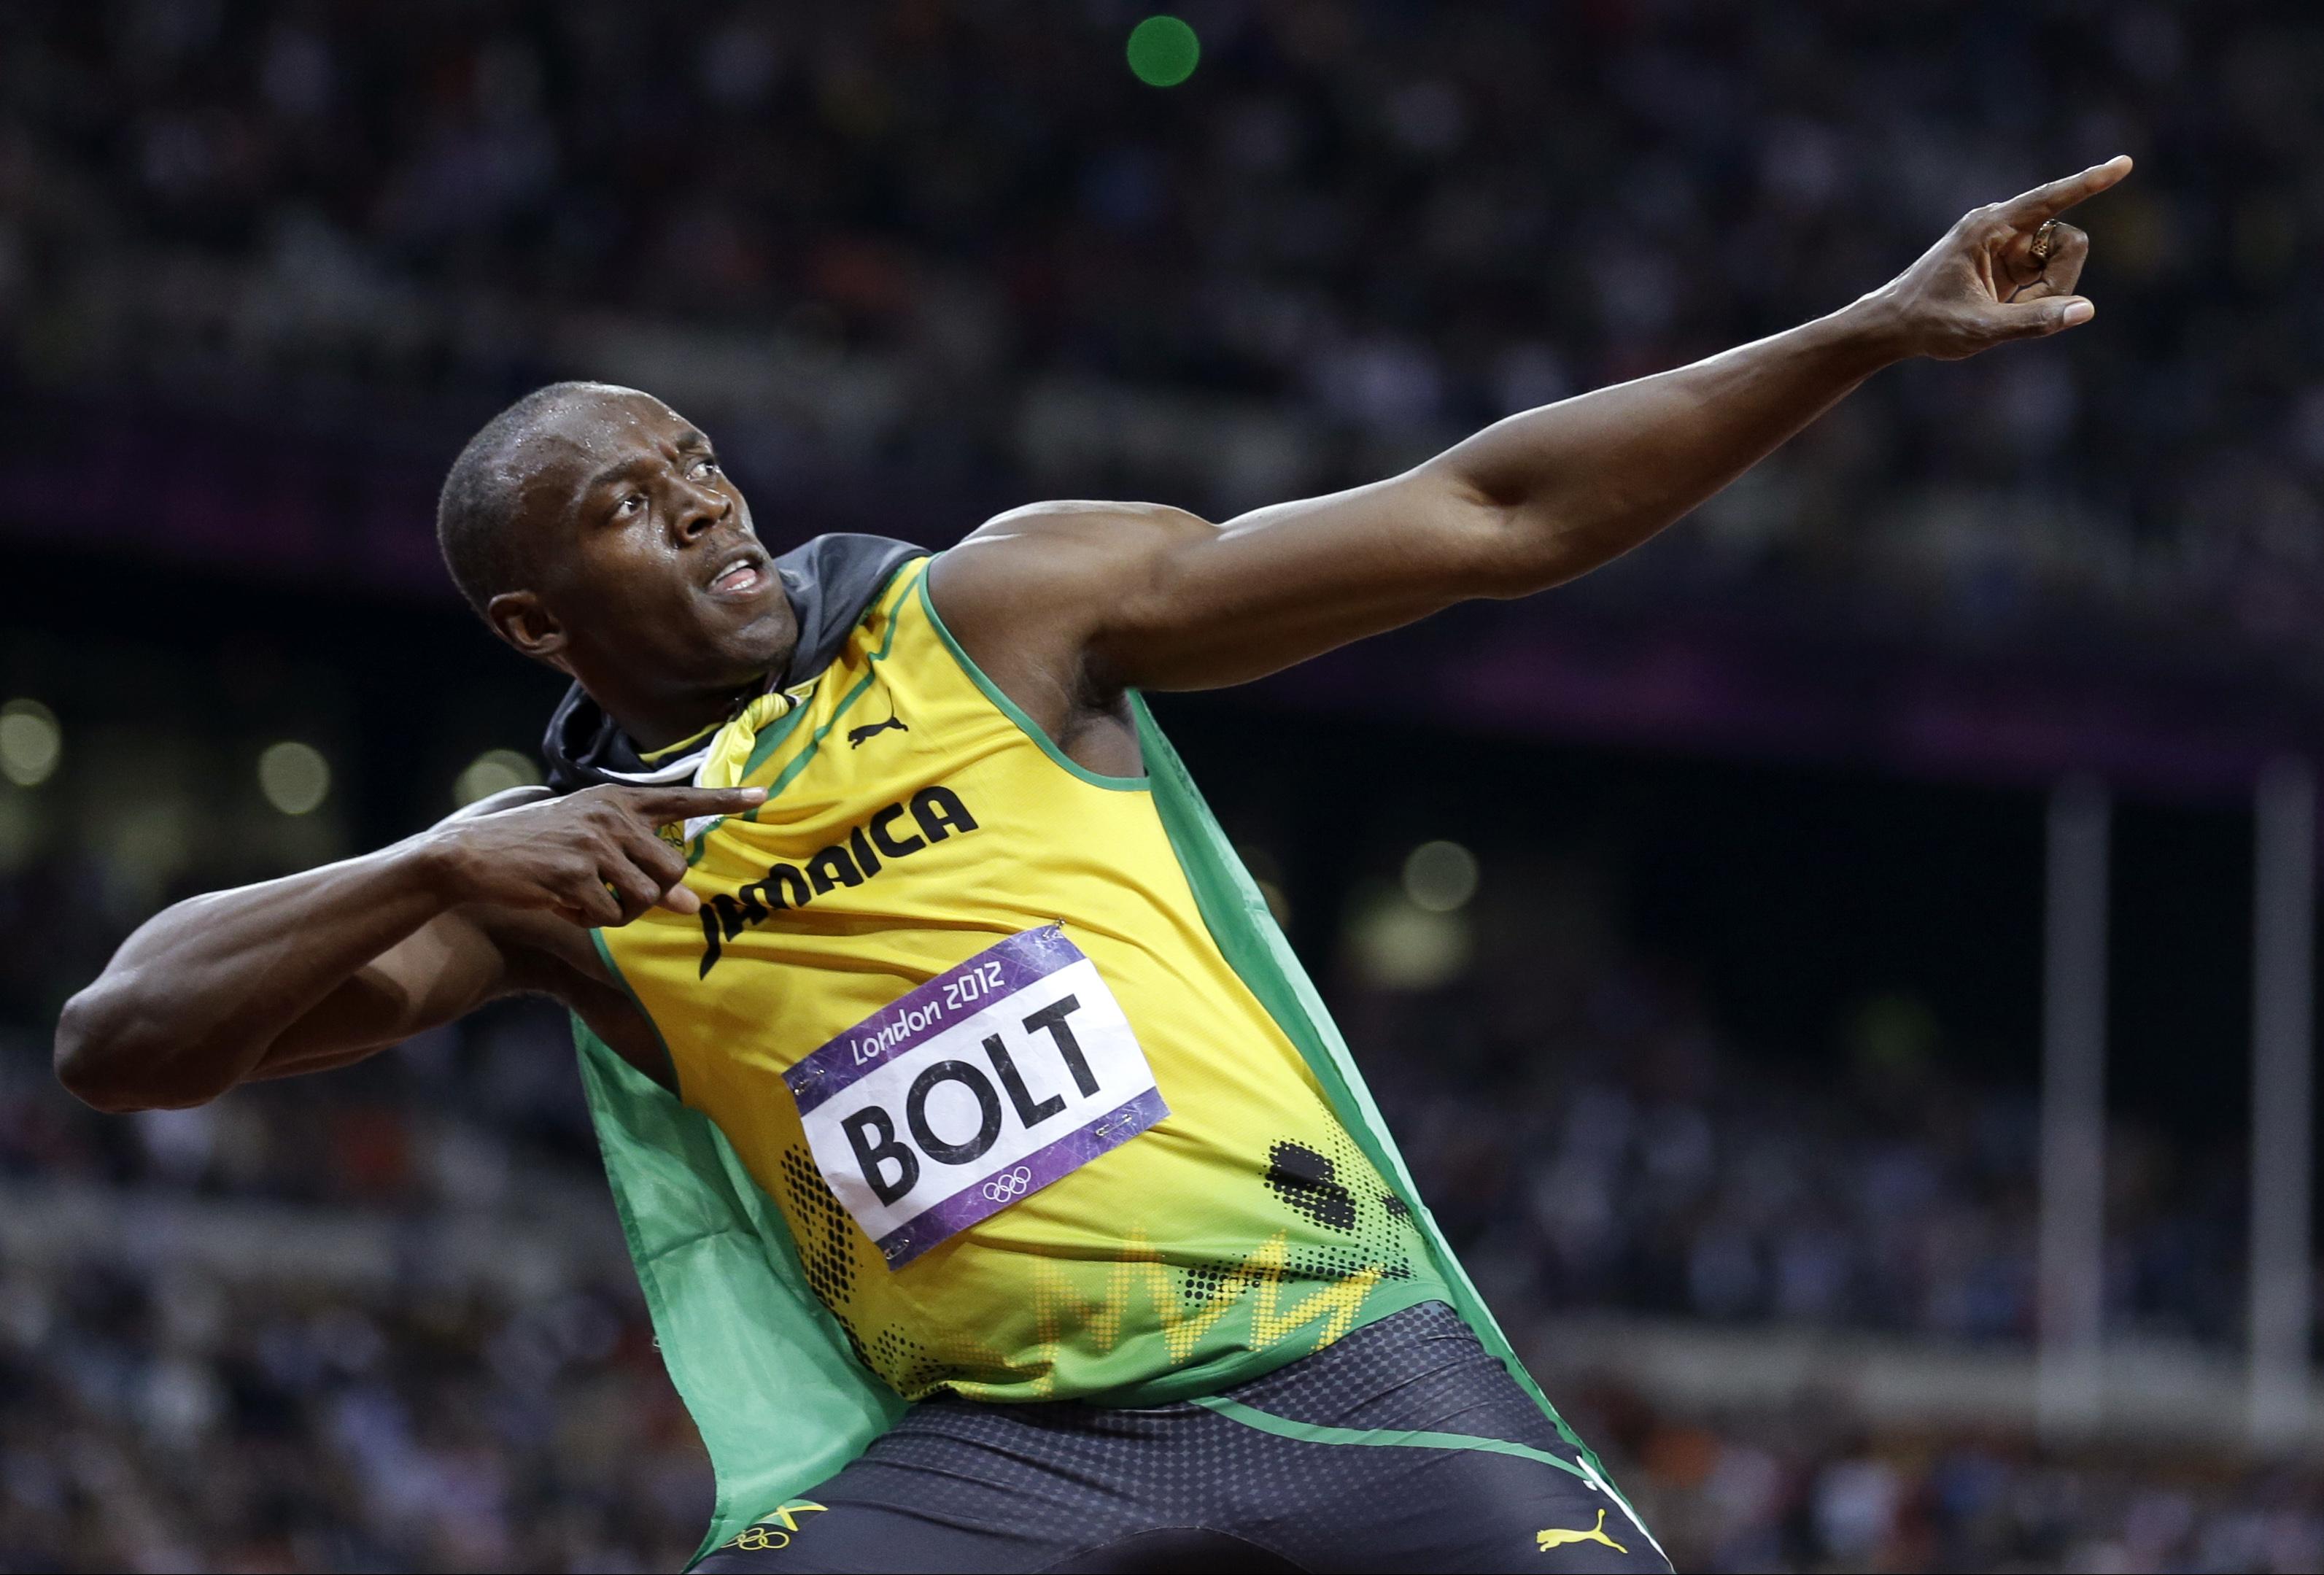 Jusejn Bolt: Brži od istorije [Autobiografija]